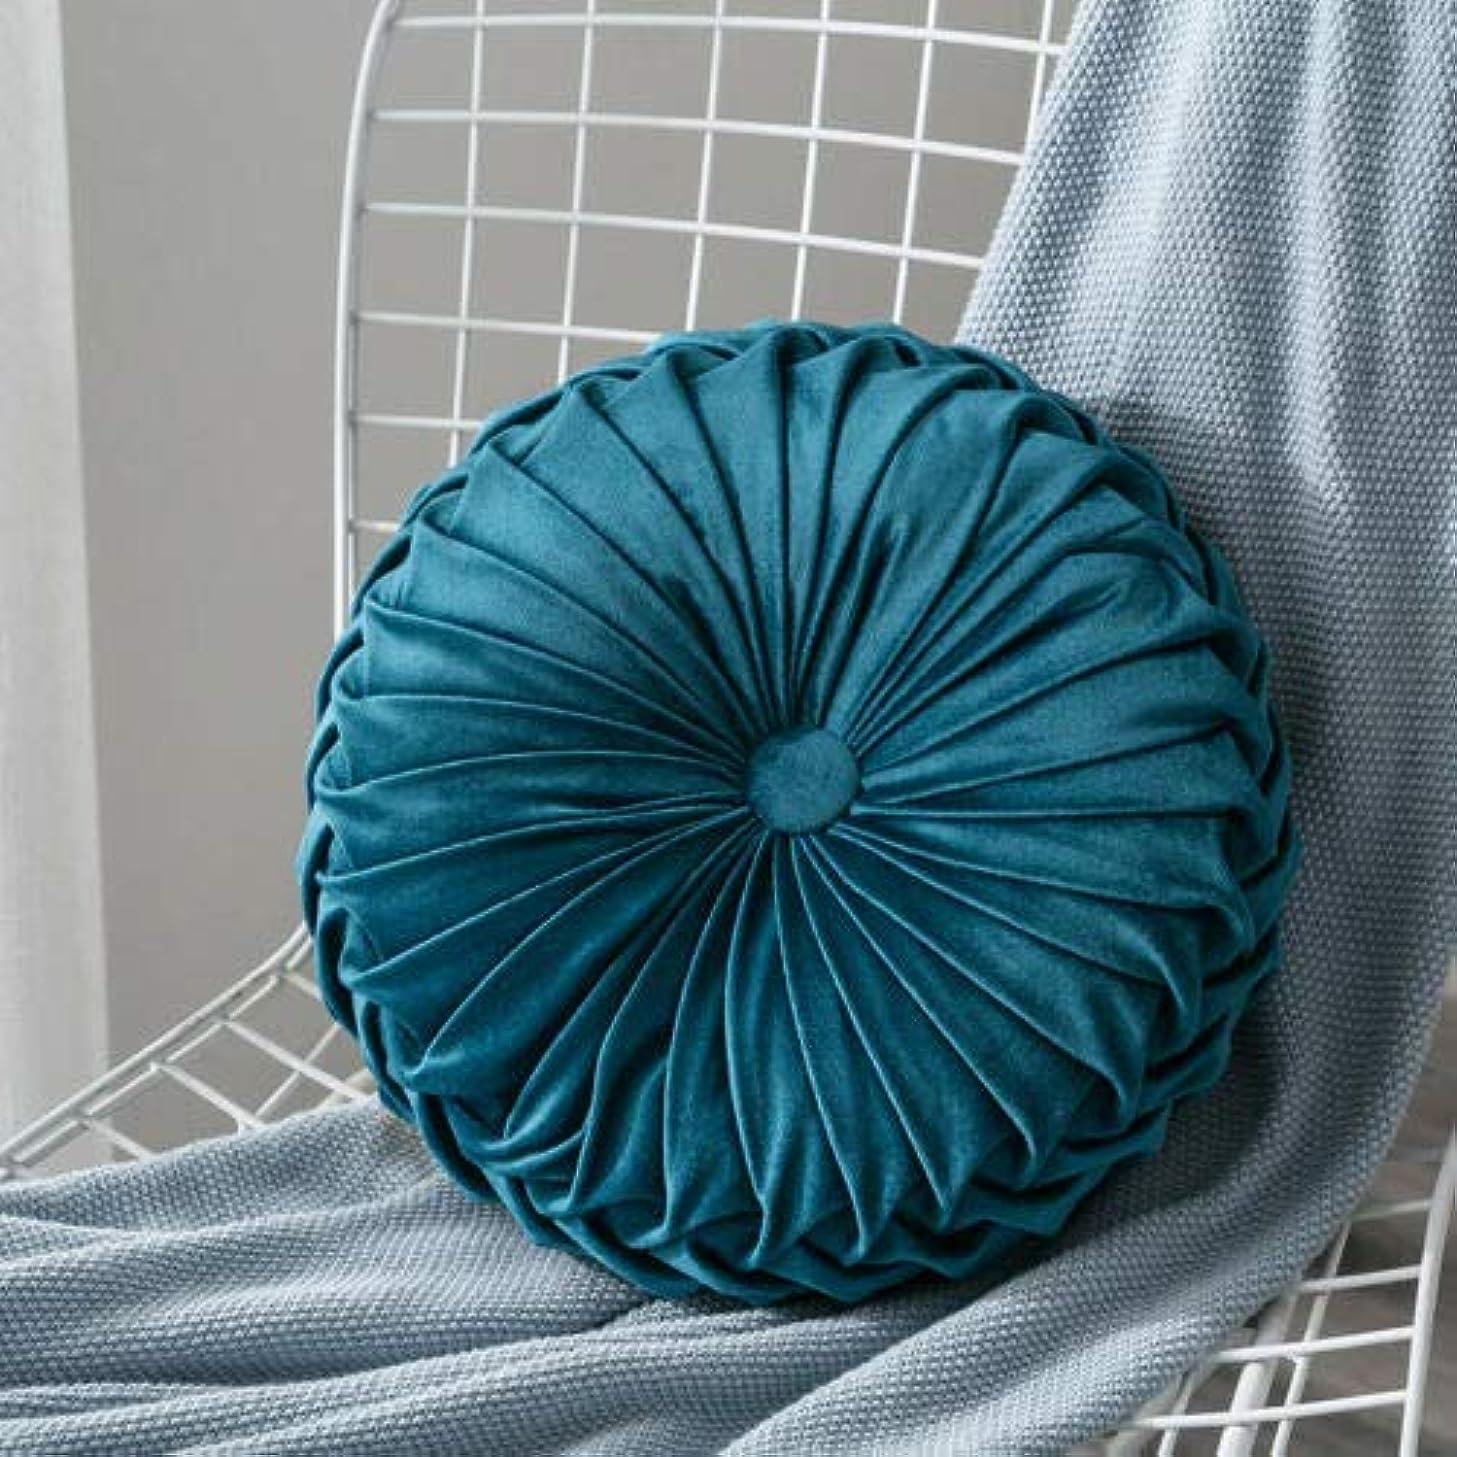 賢明な結晶先生LIFE ベルベットプリーツラウンドカボチャ枕ソファクッション床枕の装飾 クッション 椅子